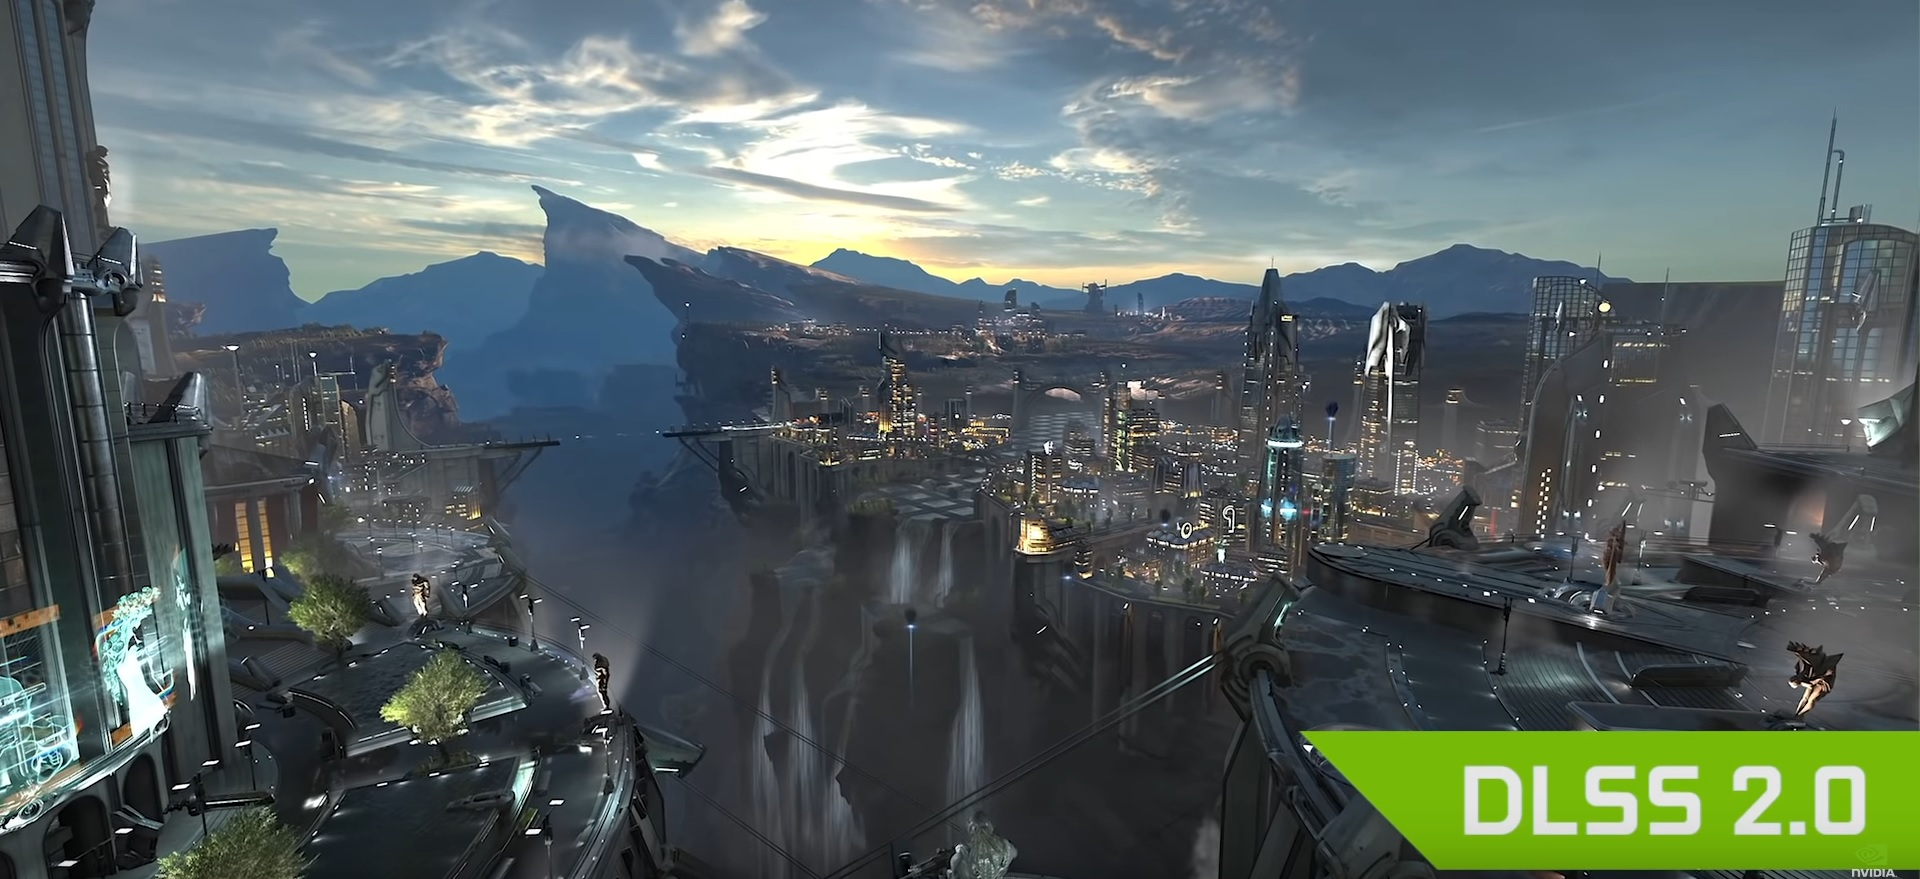 Nvidia DLSS 2.0: sztuczna inteligencja podnosi jakość grafiki w grach komputerowych 6